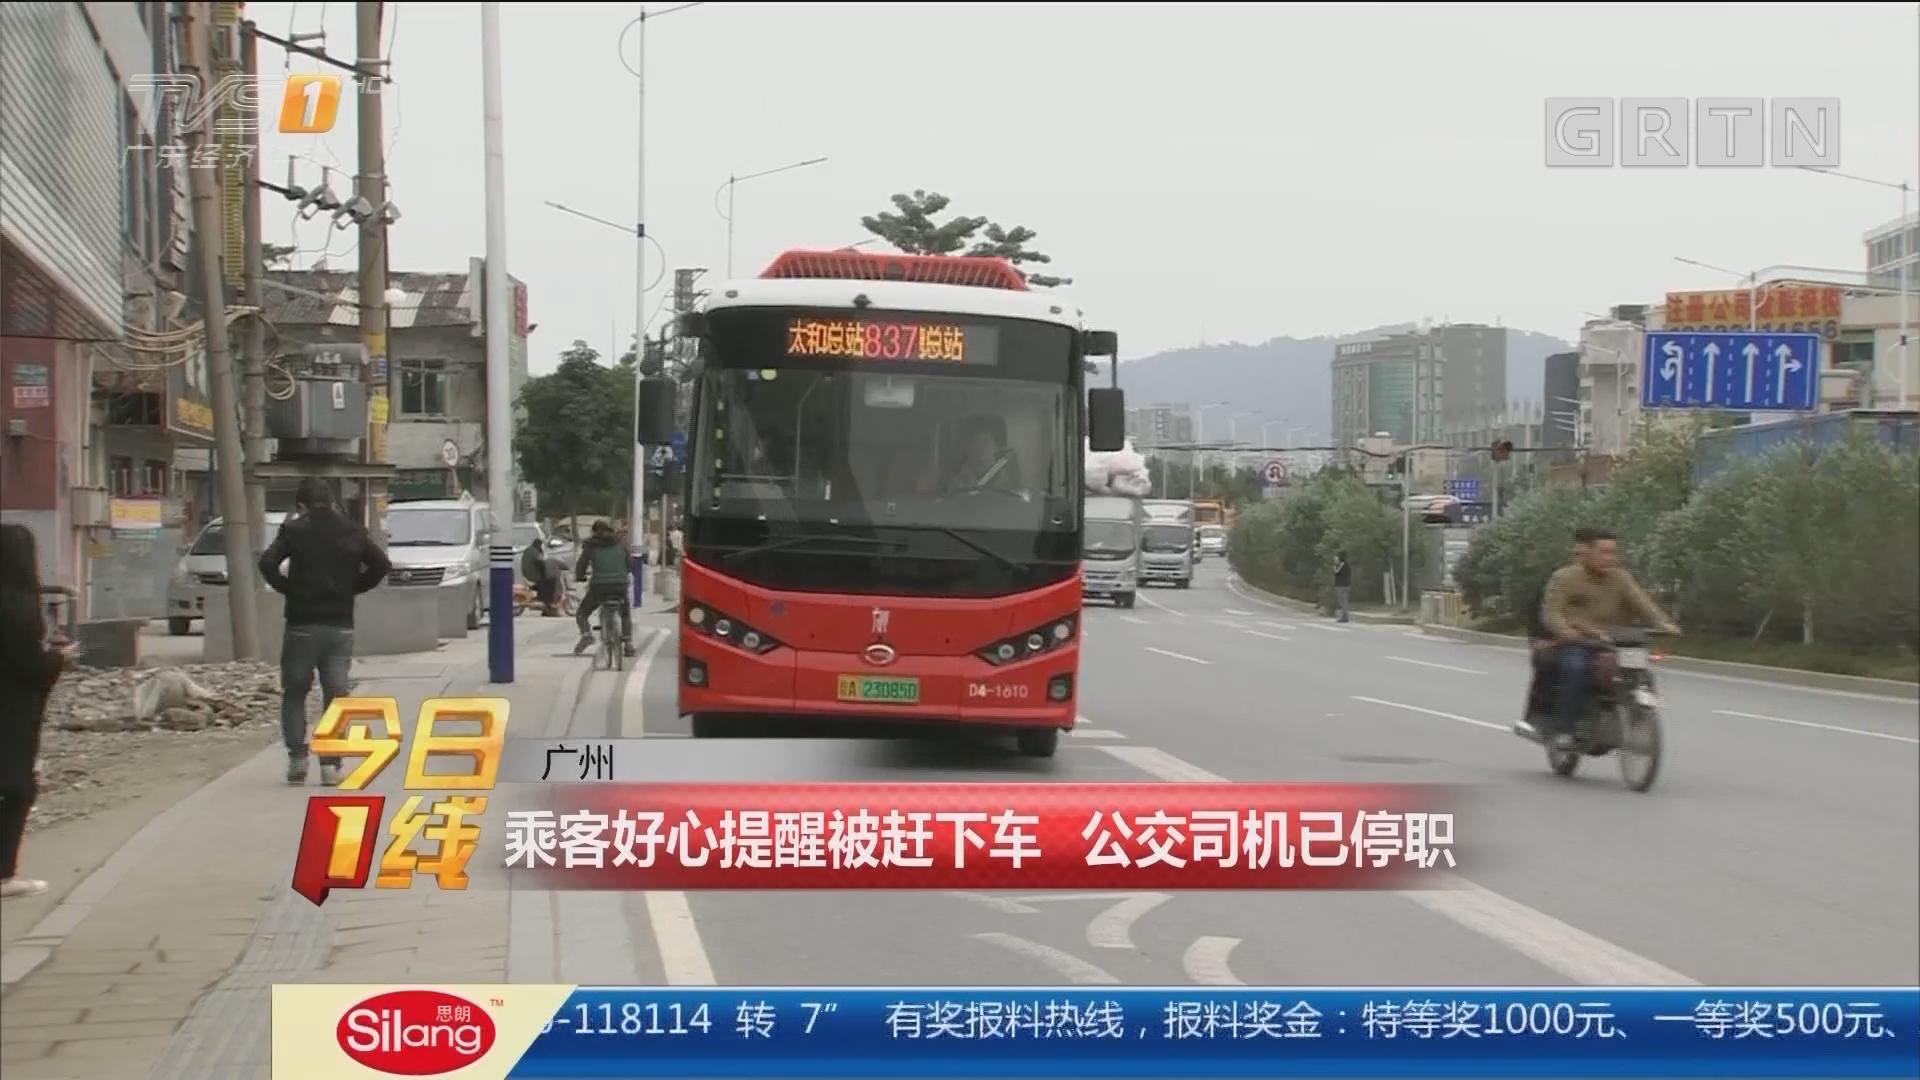 广州:乘客好心提醒被赶下车 公交司机已停职